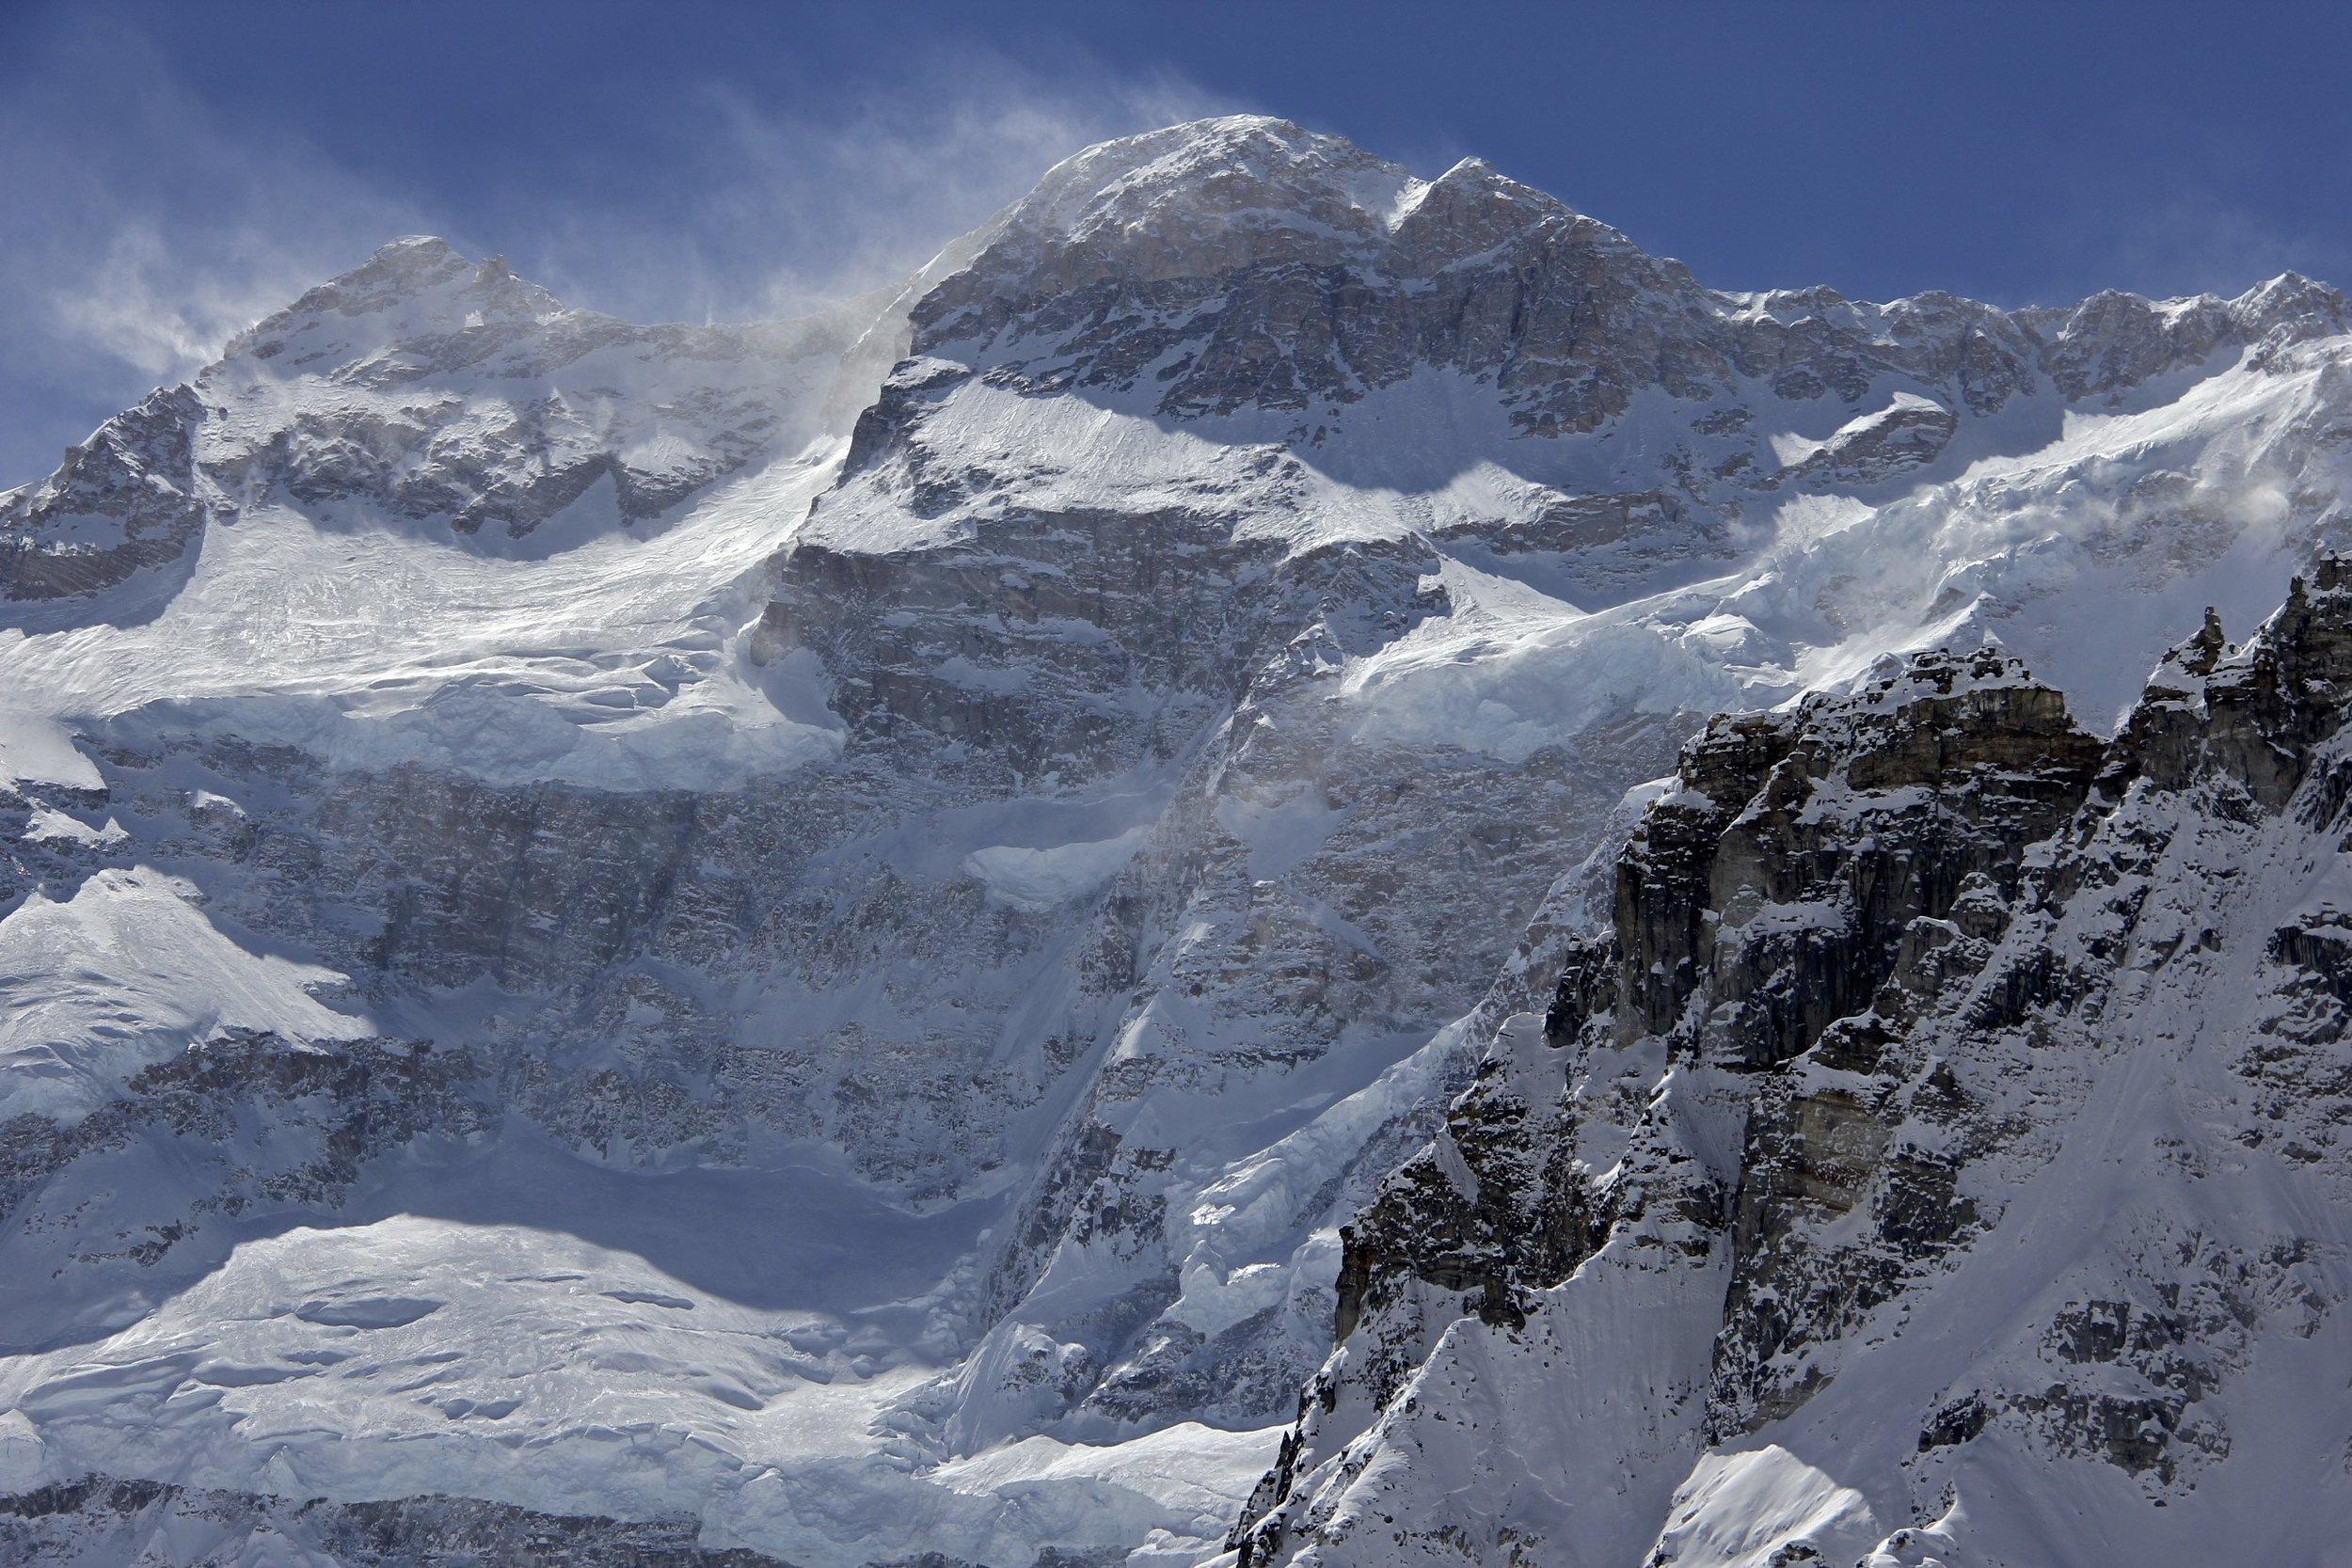 Kanchendzonga Main 8,586m and Kanchendzonga South 8,476m